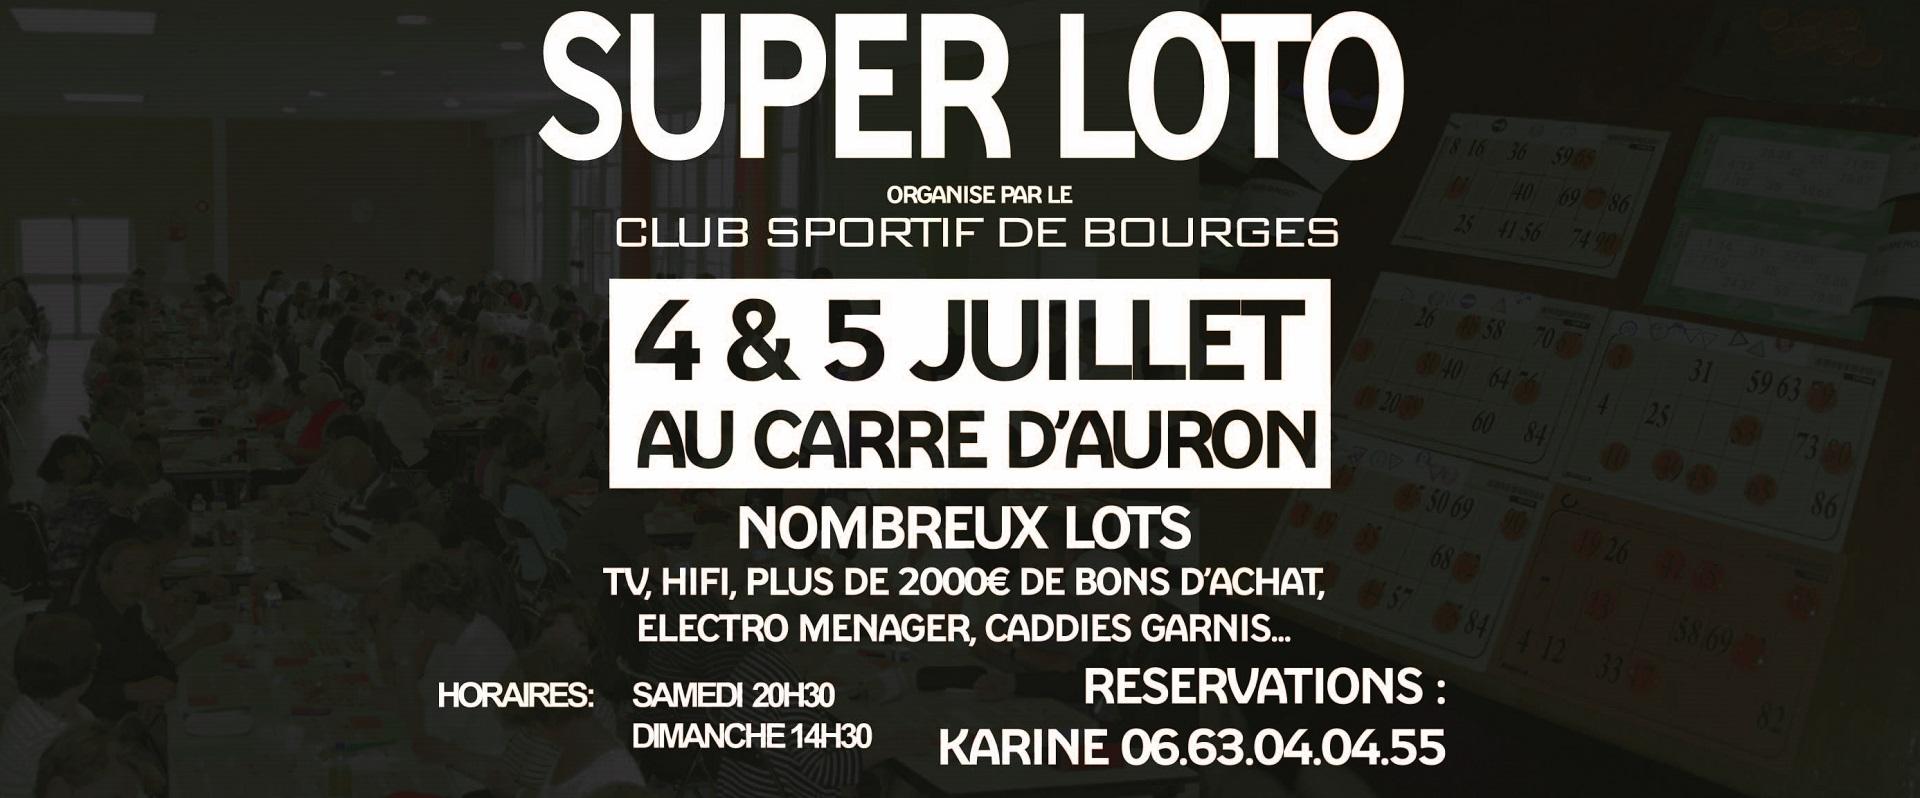 Super Loto 2015